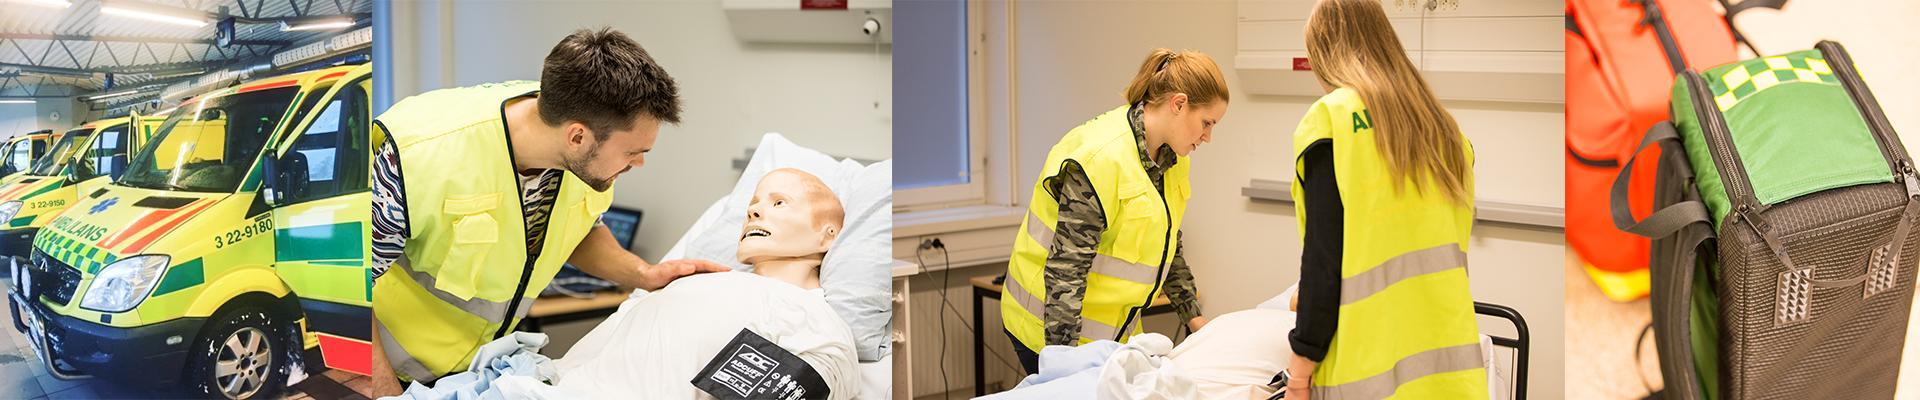 Specialistsjuksköterska - ambulanssjukvård  e435319c3b3c4